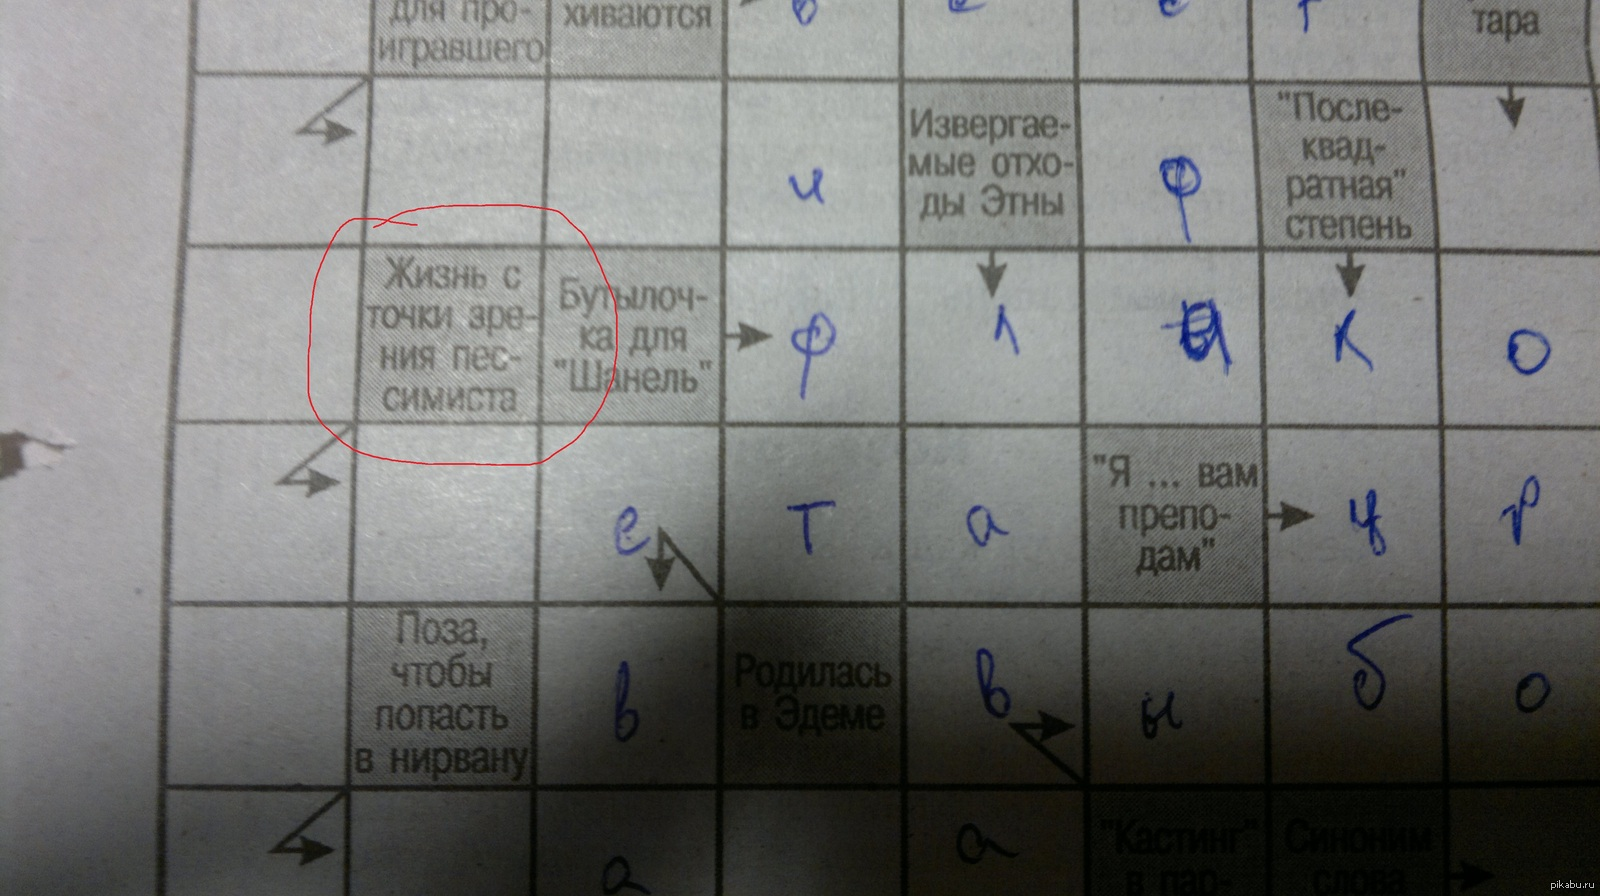 Прическа негров сканворд